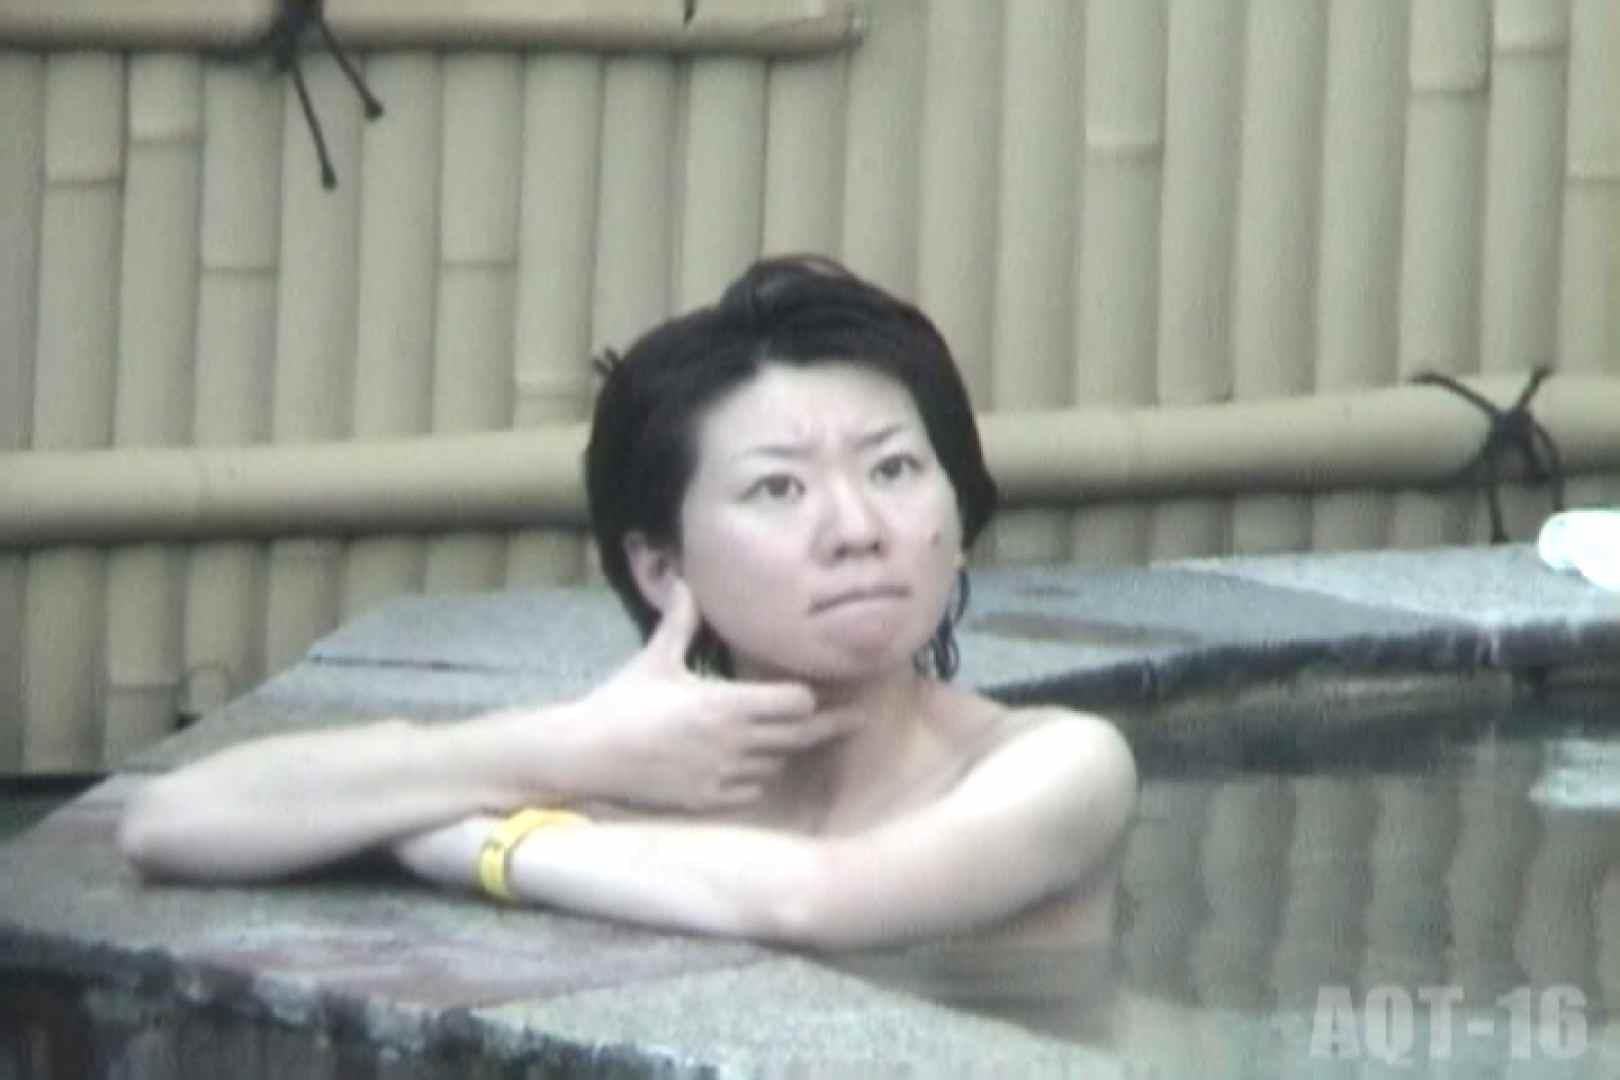 Aquaな露天風呂Vol.842 盗撮   OLすけべ画像  44連発 4